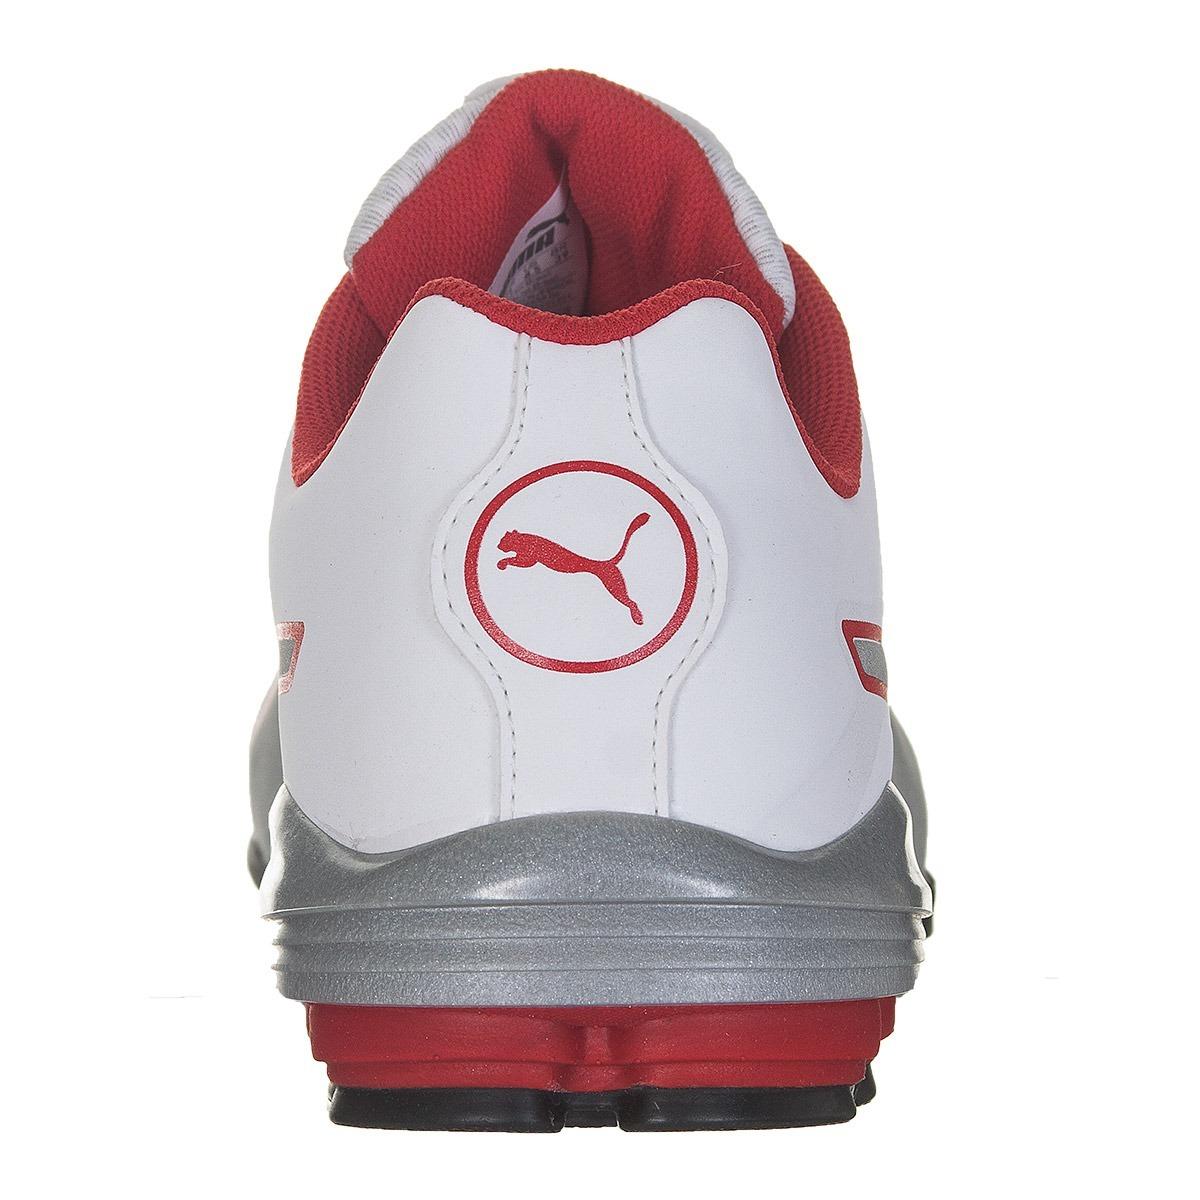 tênis puma flume sl masculino - branco vermelho. Carregando zoom... tênis  puma masculino. Carregando zoom. 71ab6865f5148